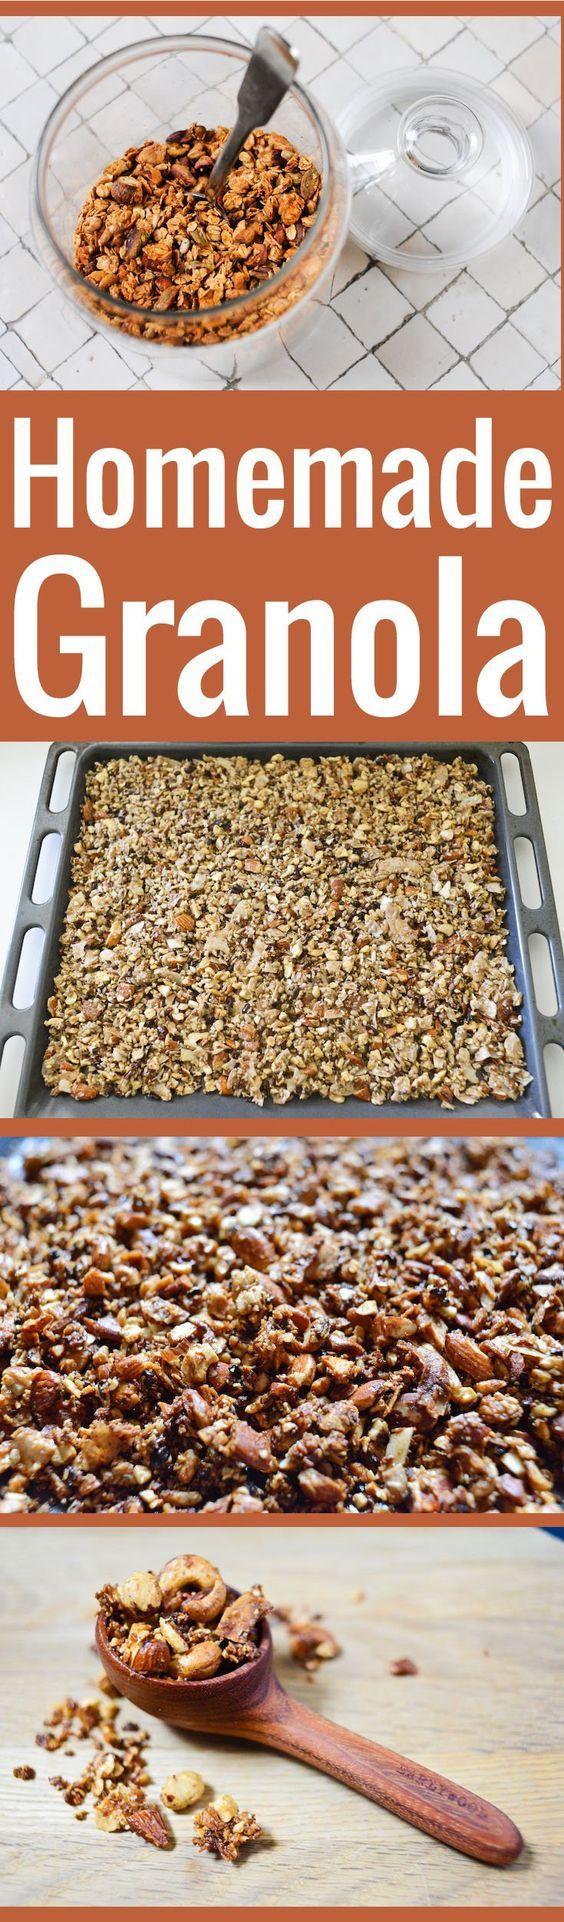 Réalisez votre propre granola maison grâce à cette formule de base facile et flexible, à adapter selon vos goûts et les ingrédients dont vous disposez.